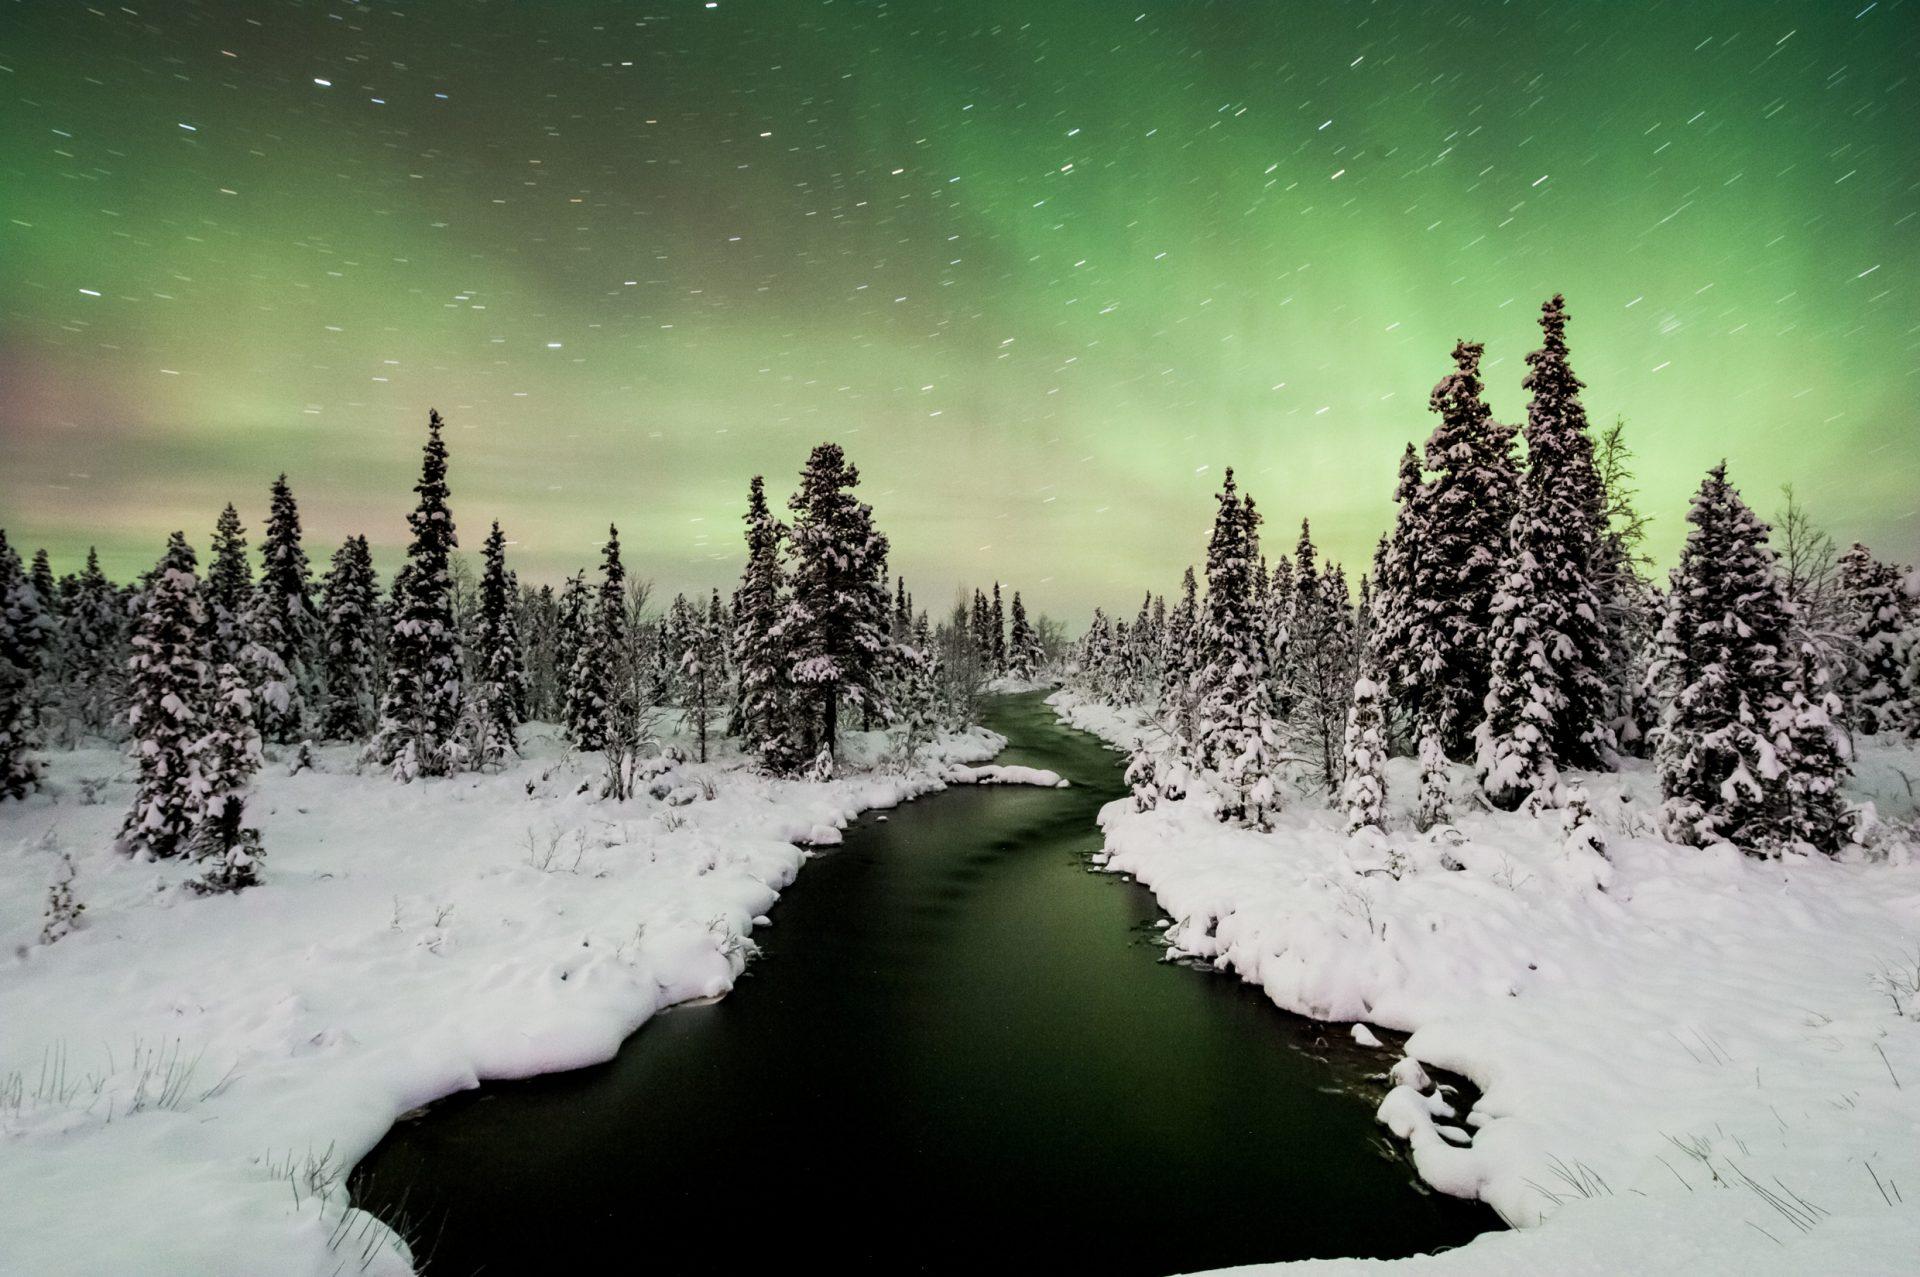 asaf_kliger-northern_lights-5678